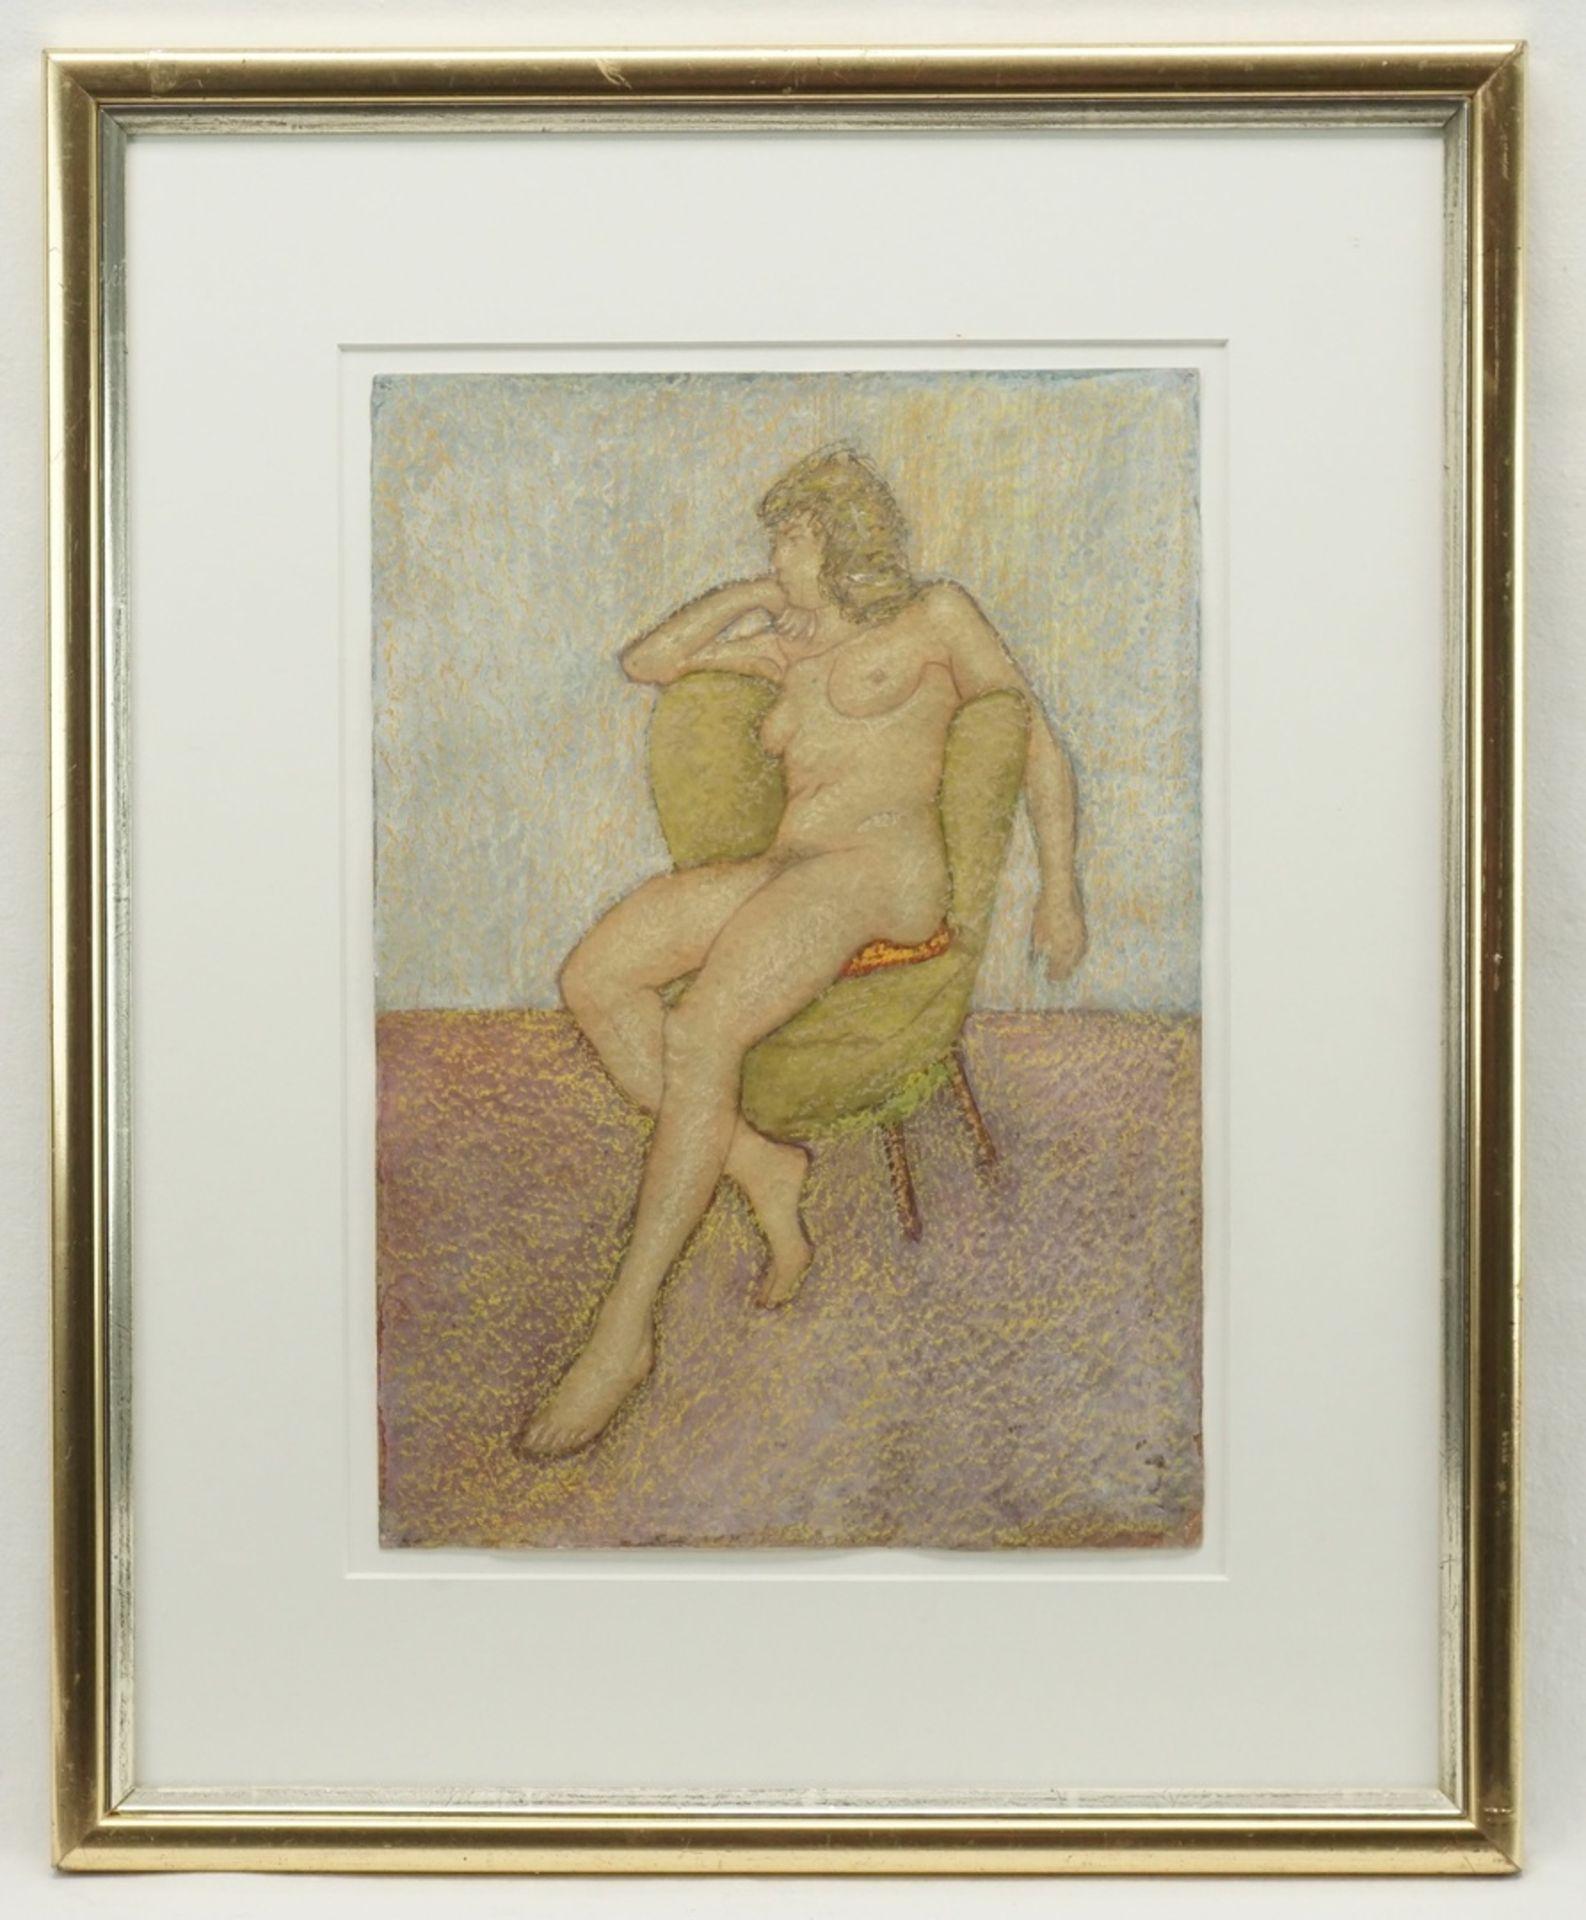 Franz Werneke, Sitzender weiblicher Akt auf grünem Sessel - Bild 2 aus 4